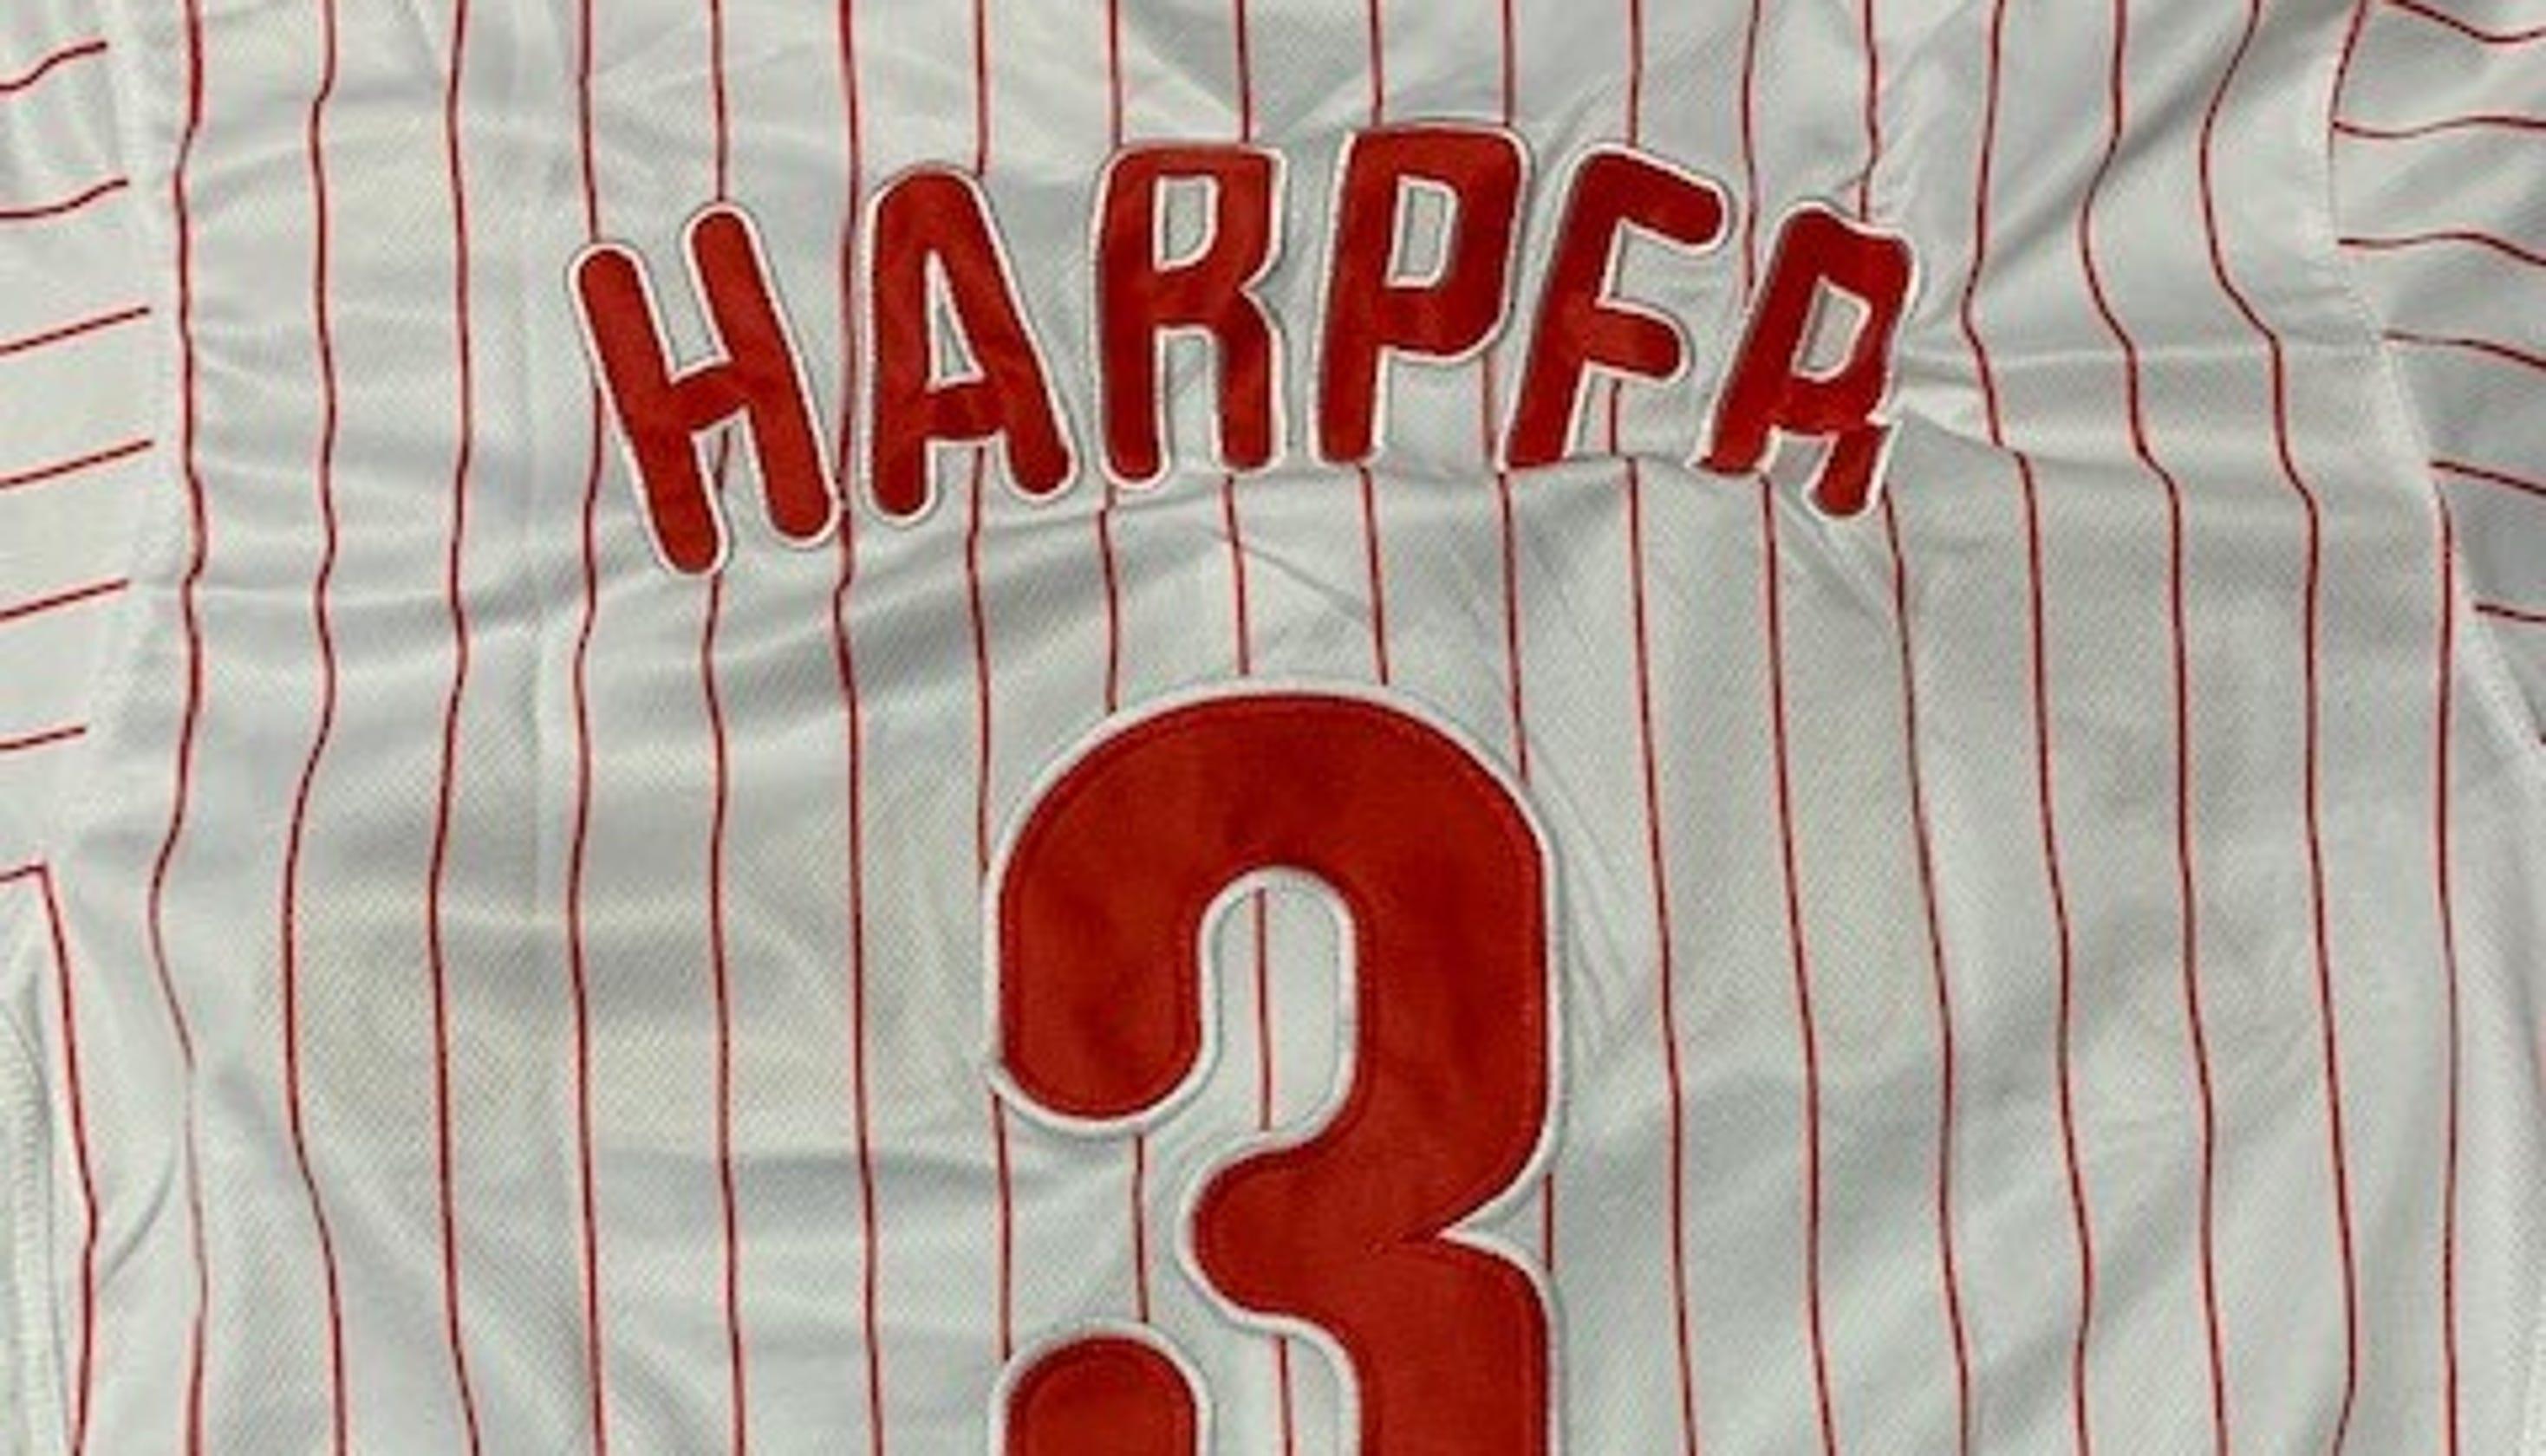 032d842b4 Foul ball  Customs officers catch counterfeit Bryce Harper jerseys